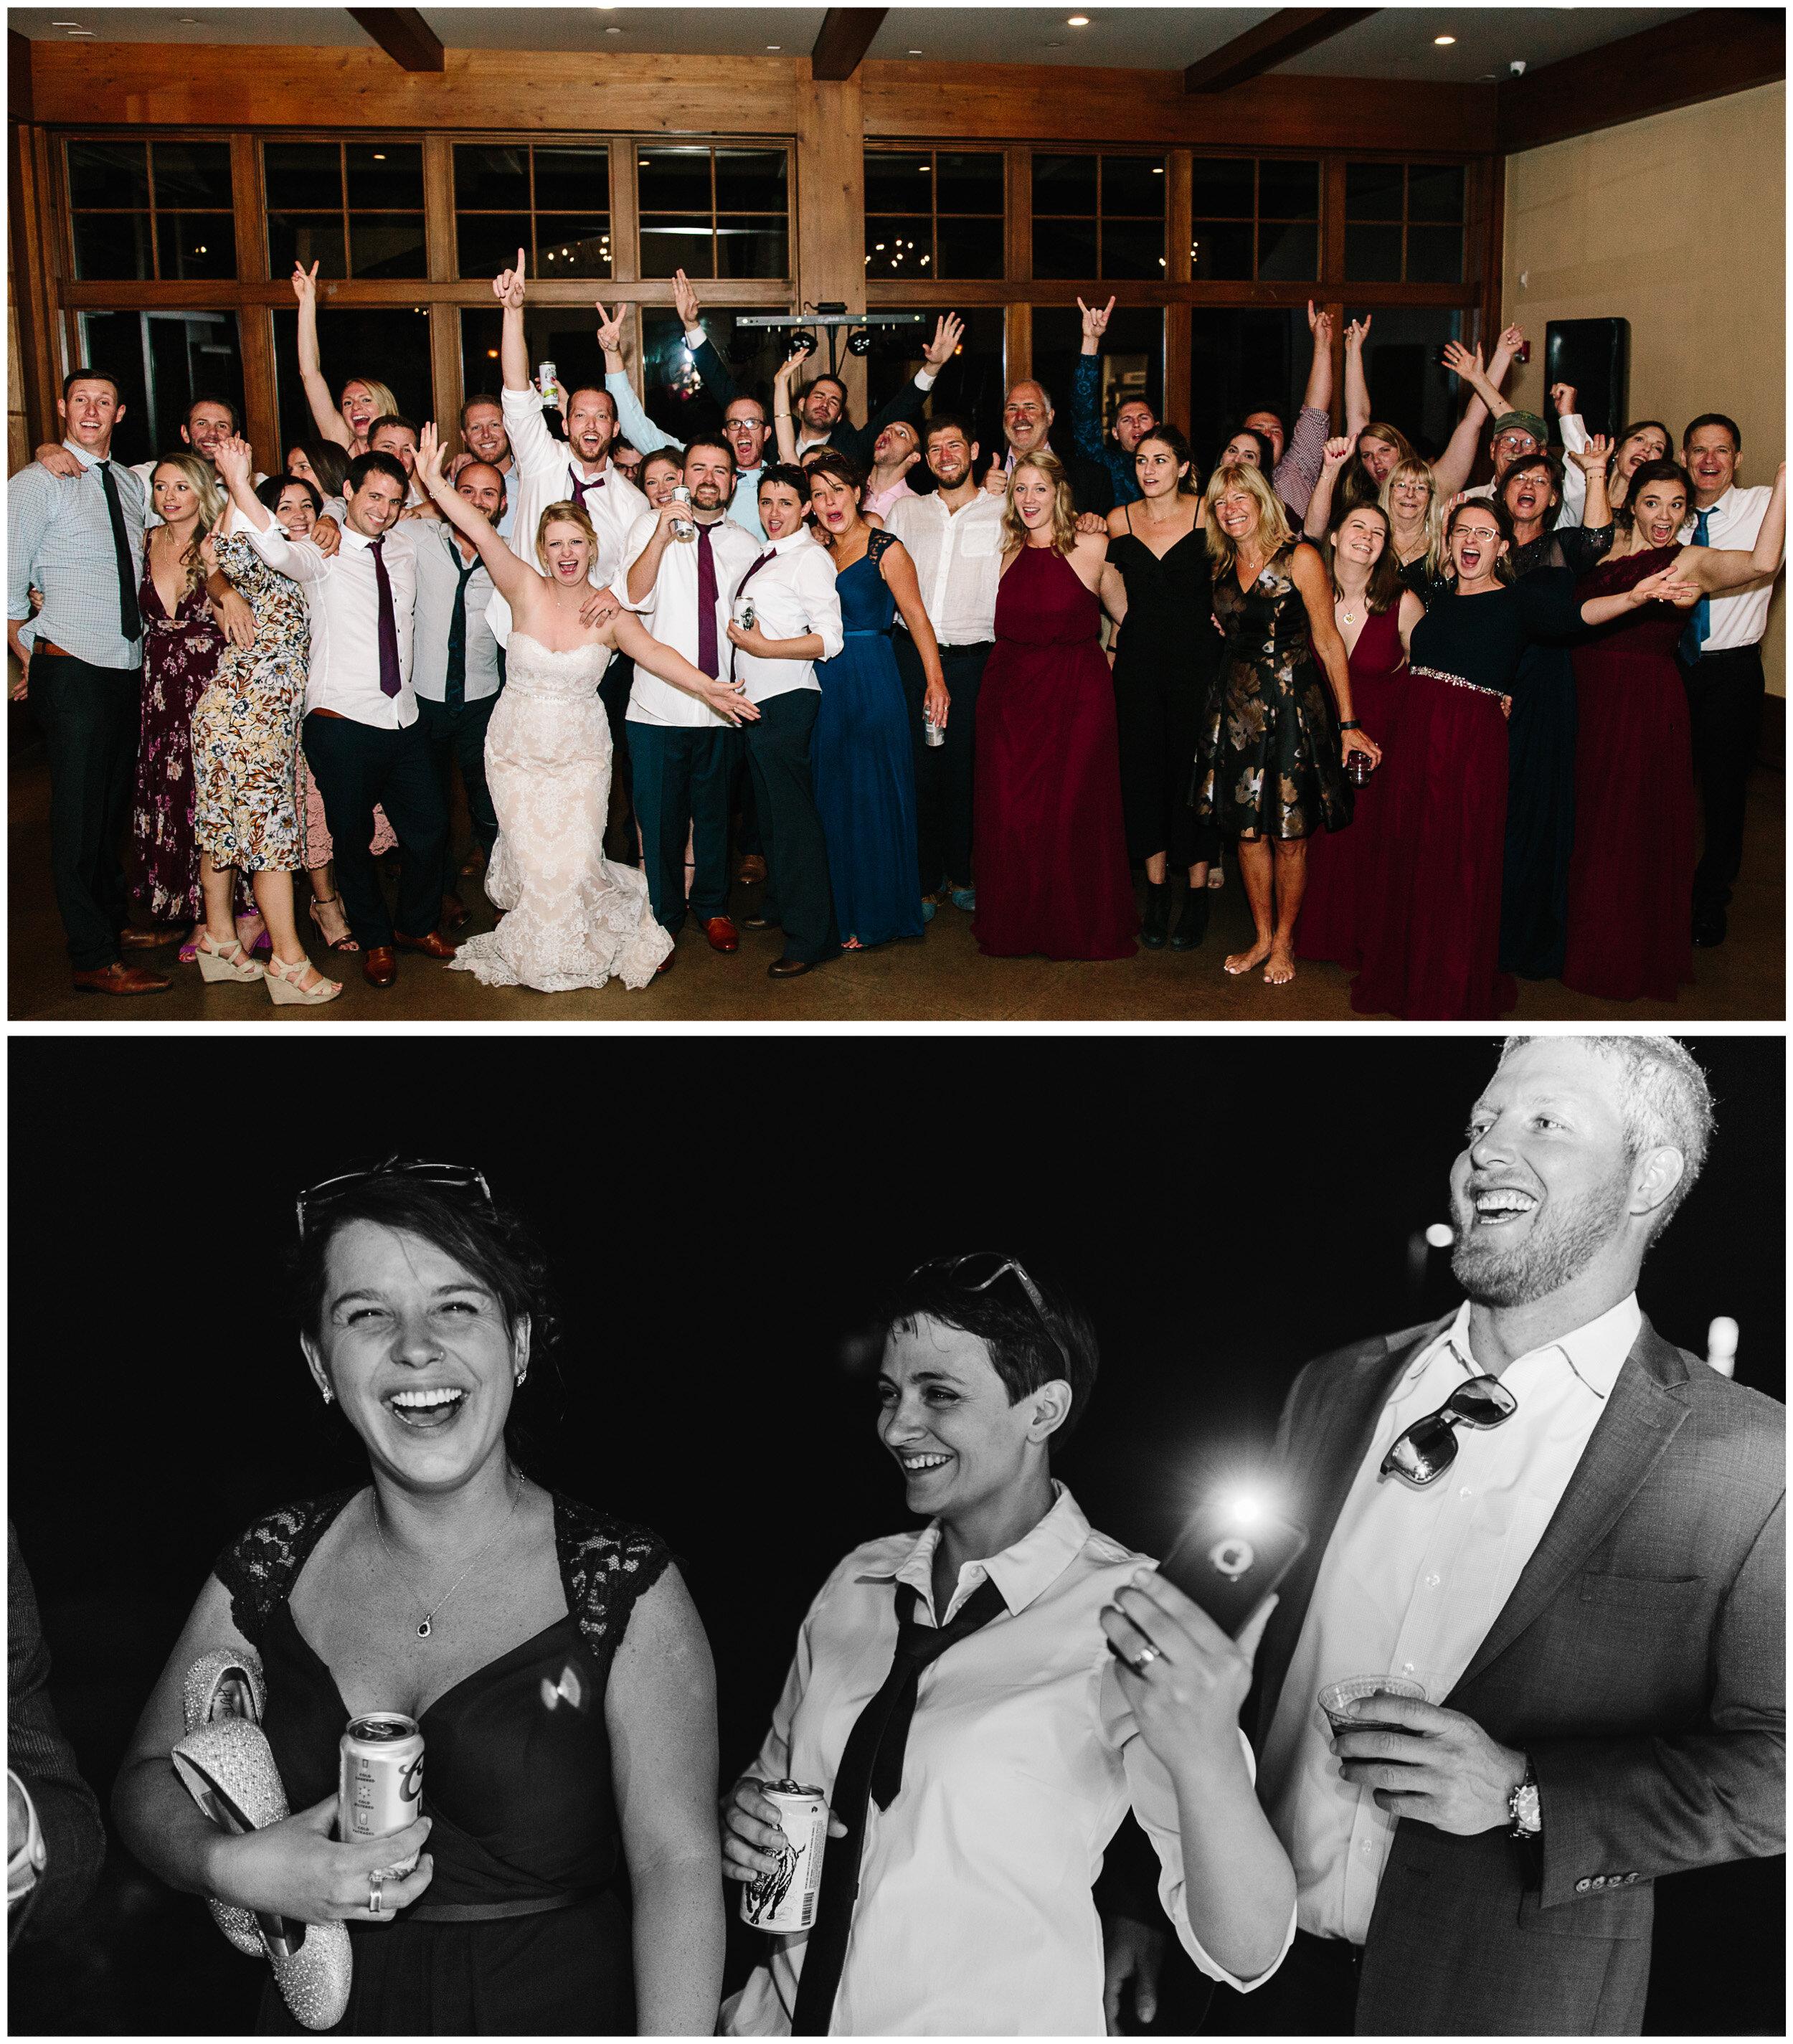 vail_wedding_128.jpg